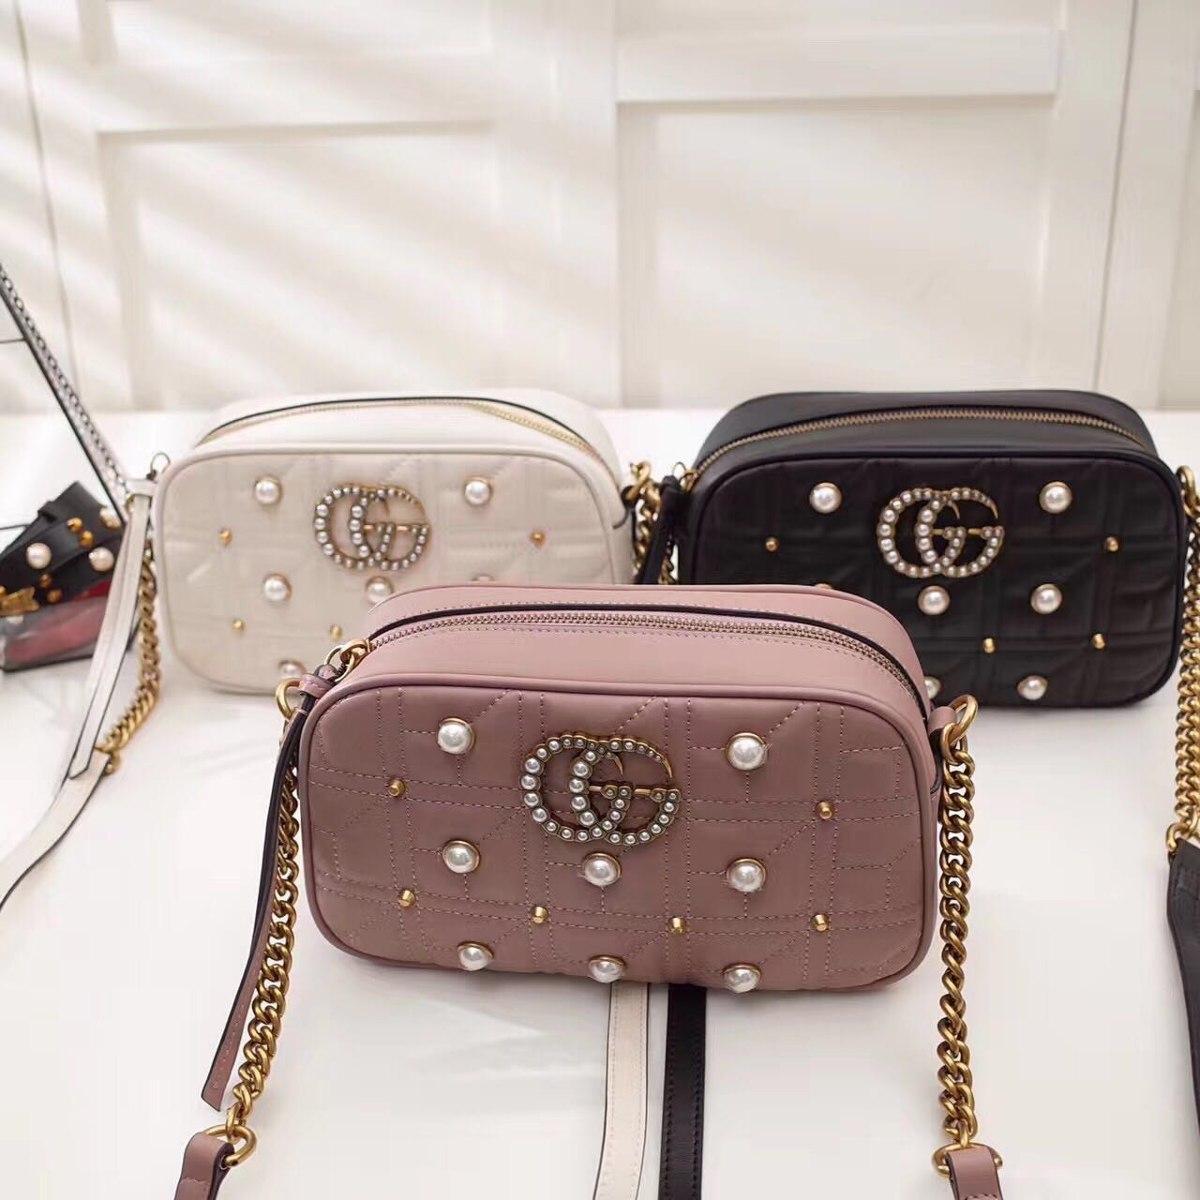 994213871cb39 Linda Bolsa Gucci Pronta Entrega¿no Brasil - R  1.690,00 em Mercado ...